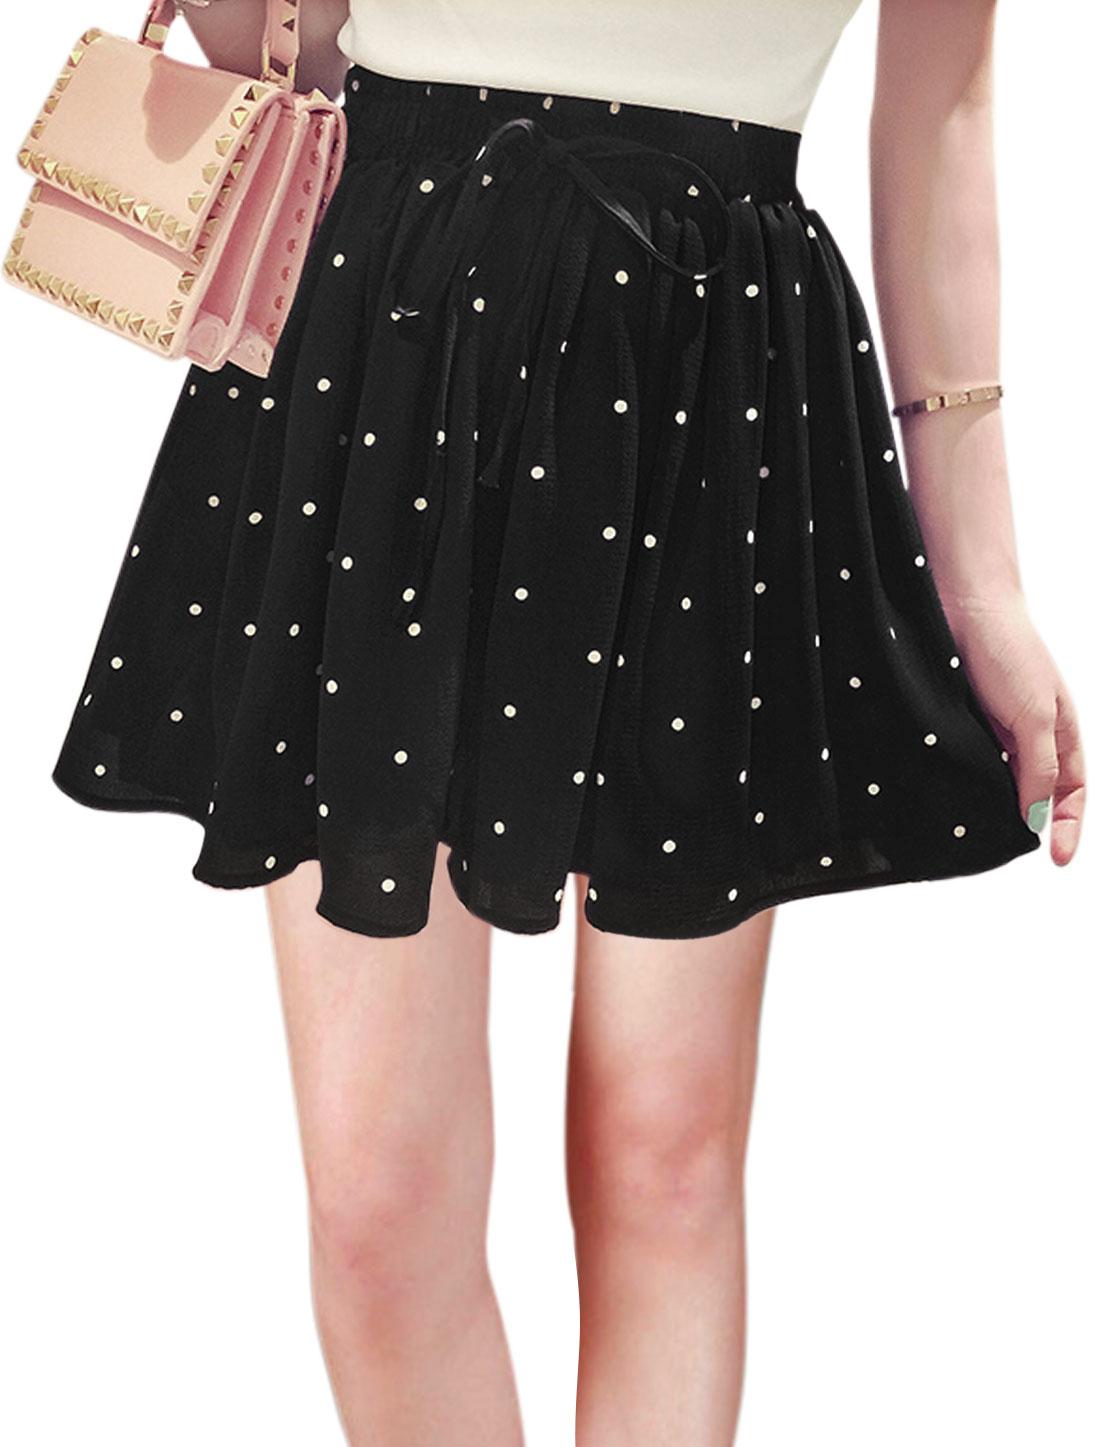 Women Mid Rise Elastic Waist Dots Mini Casual Skorts Black XS